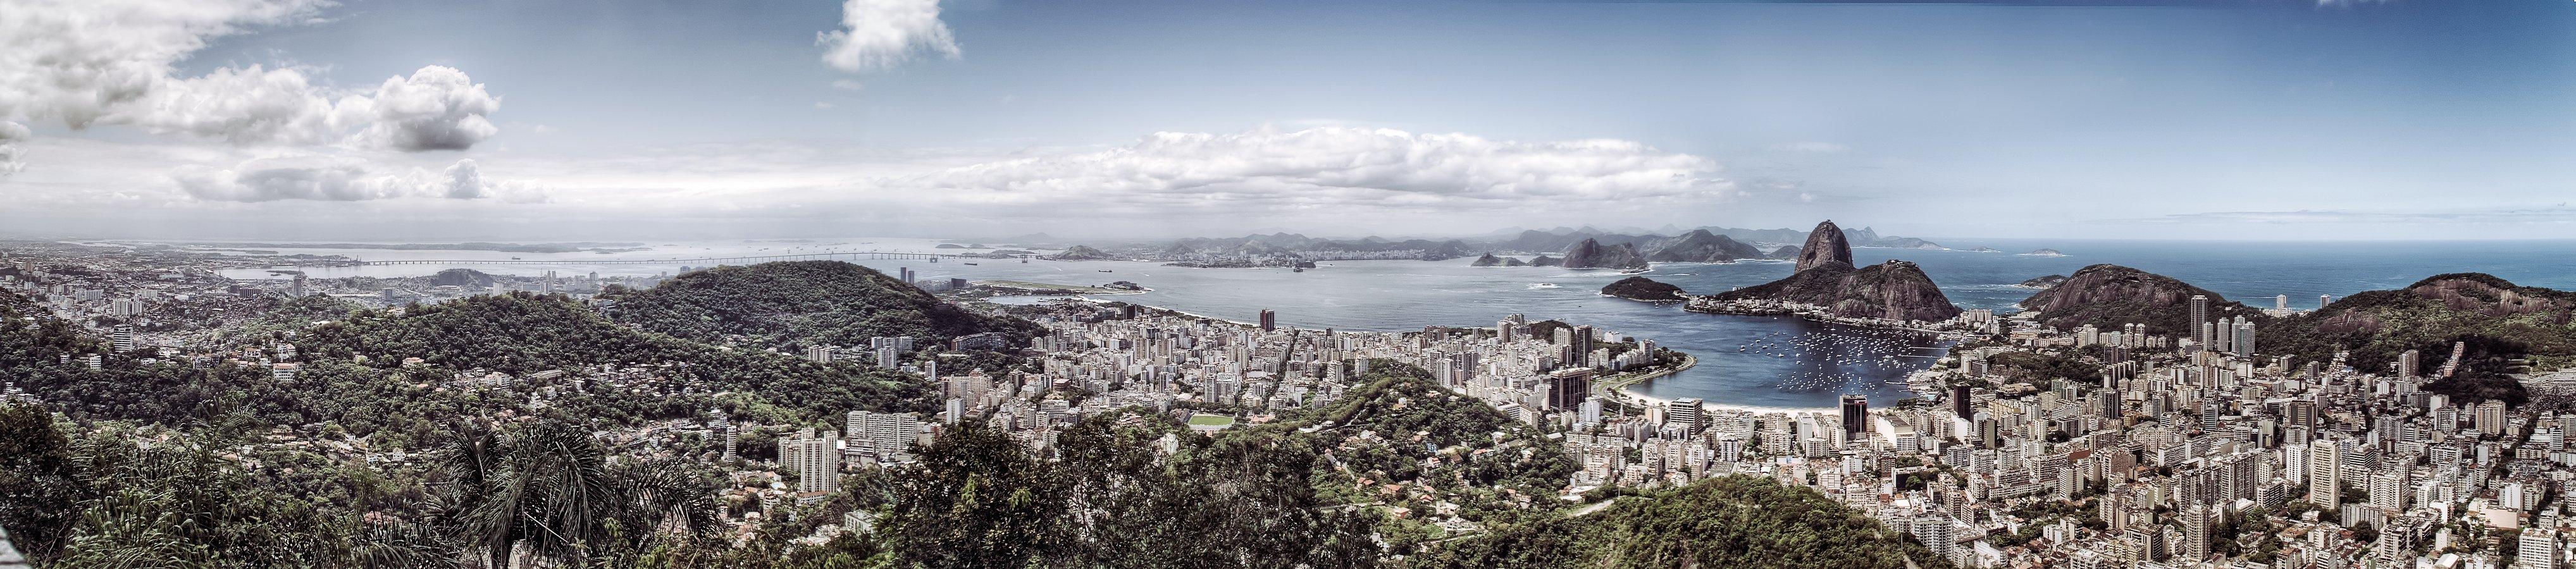 Rio De Janeiro - The Christo Redenter viewing platform